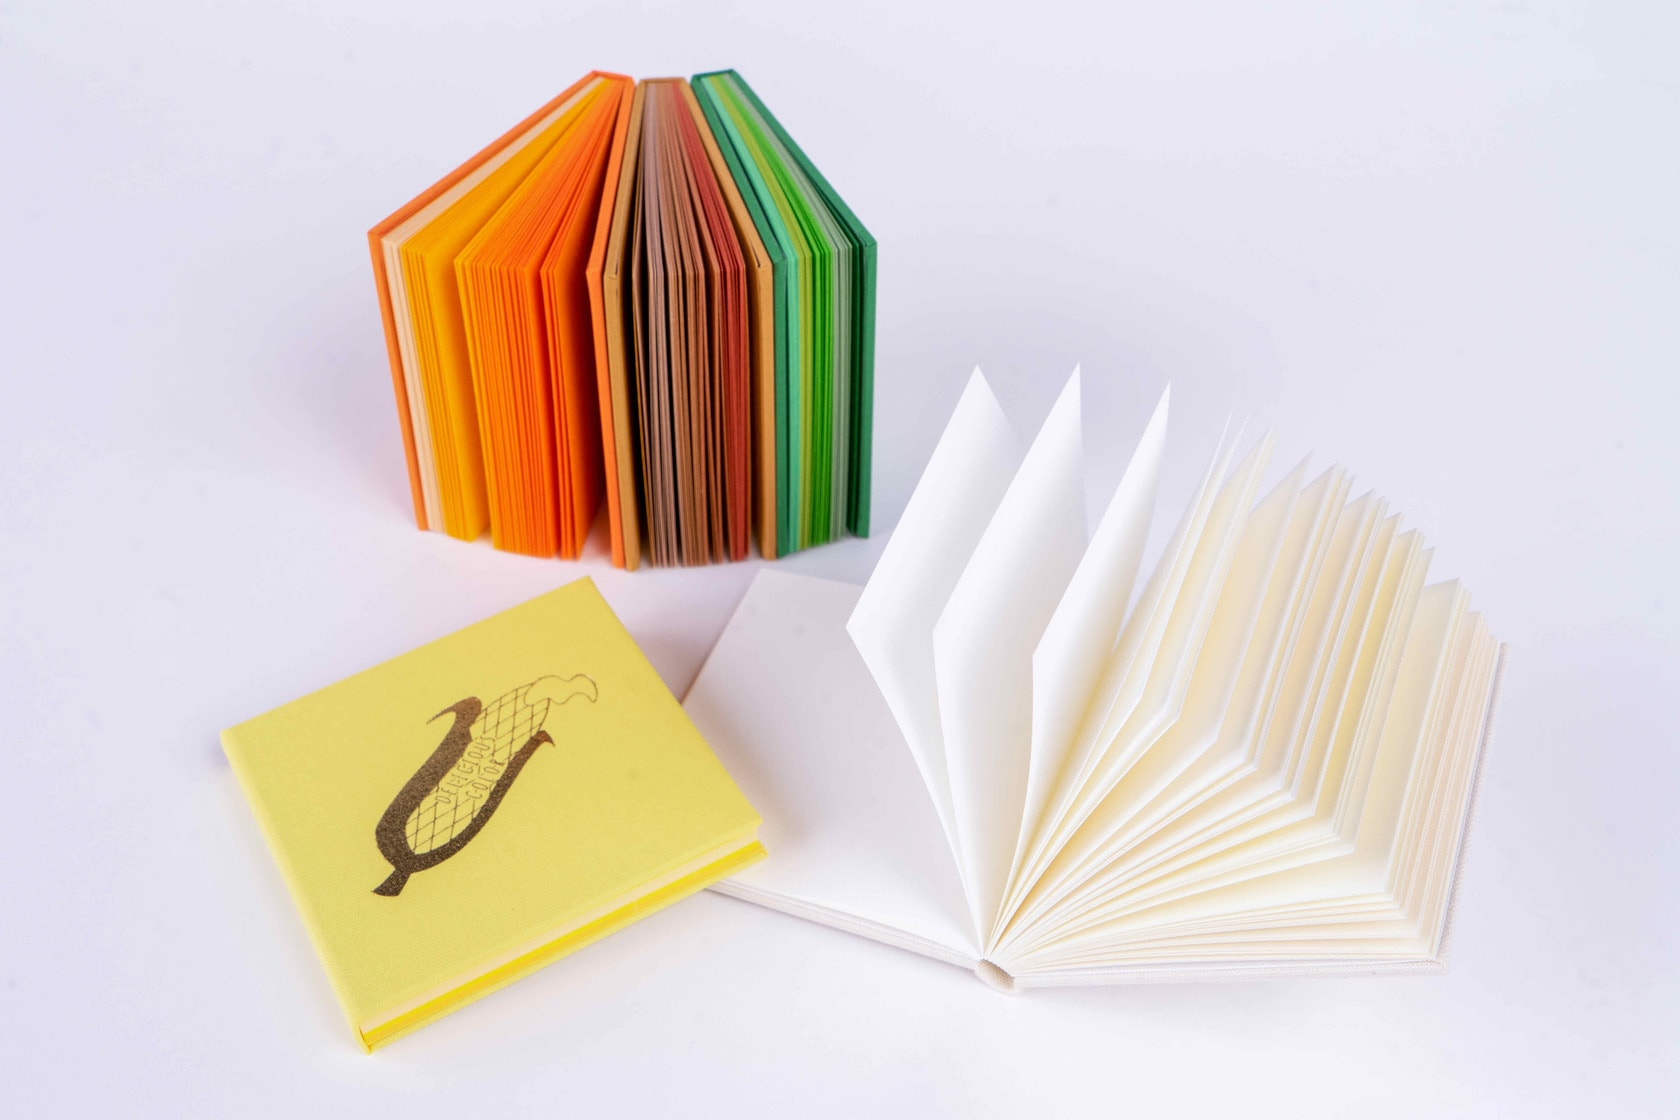 メモ帳の本紙が見える状態に並べる,booco DELICIOUS COLOR クロス仕上げ(MEMO)